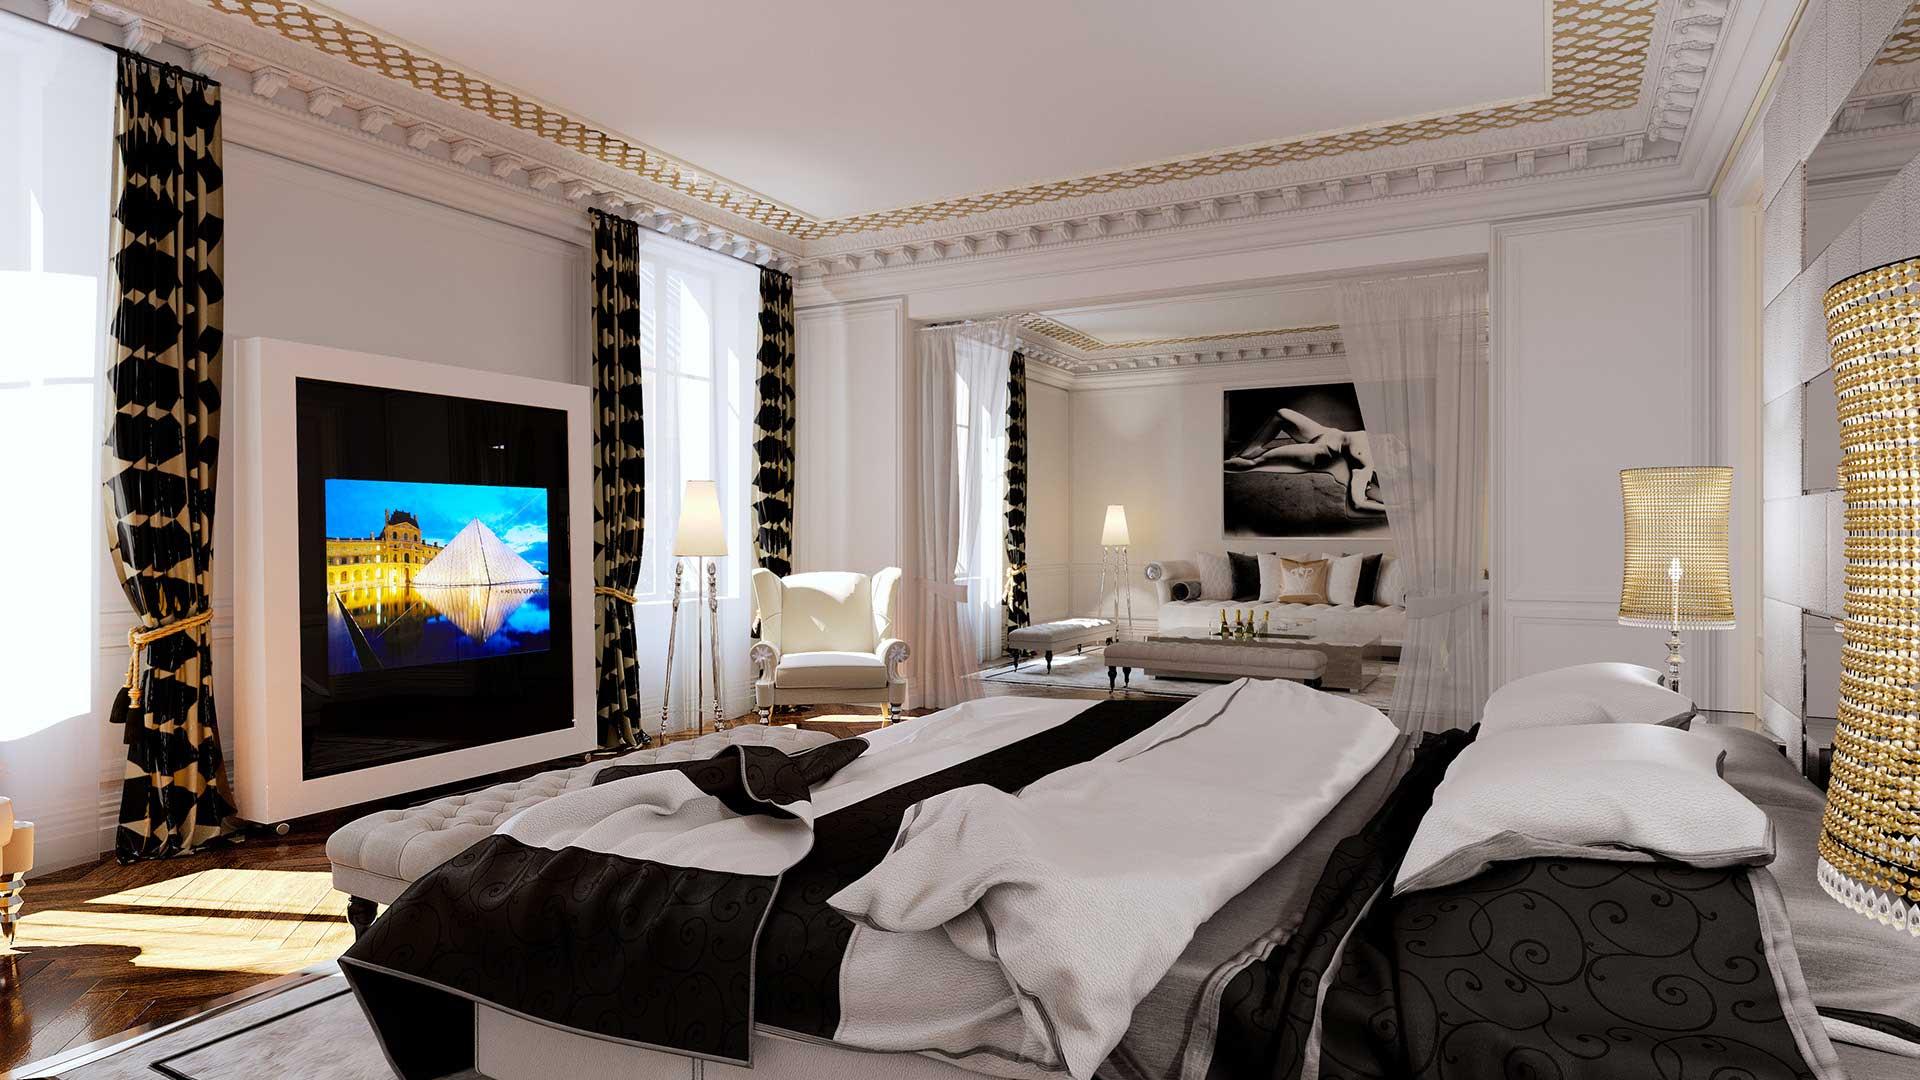 Agence création visuels 3D pour projet architecture : photo 3D appartement Haussmann